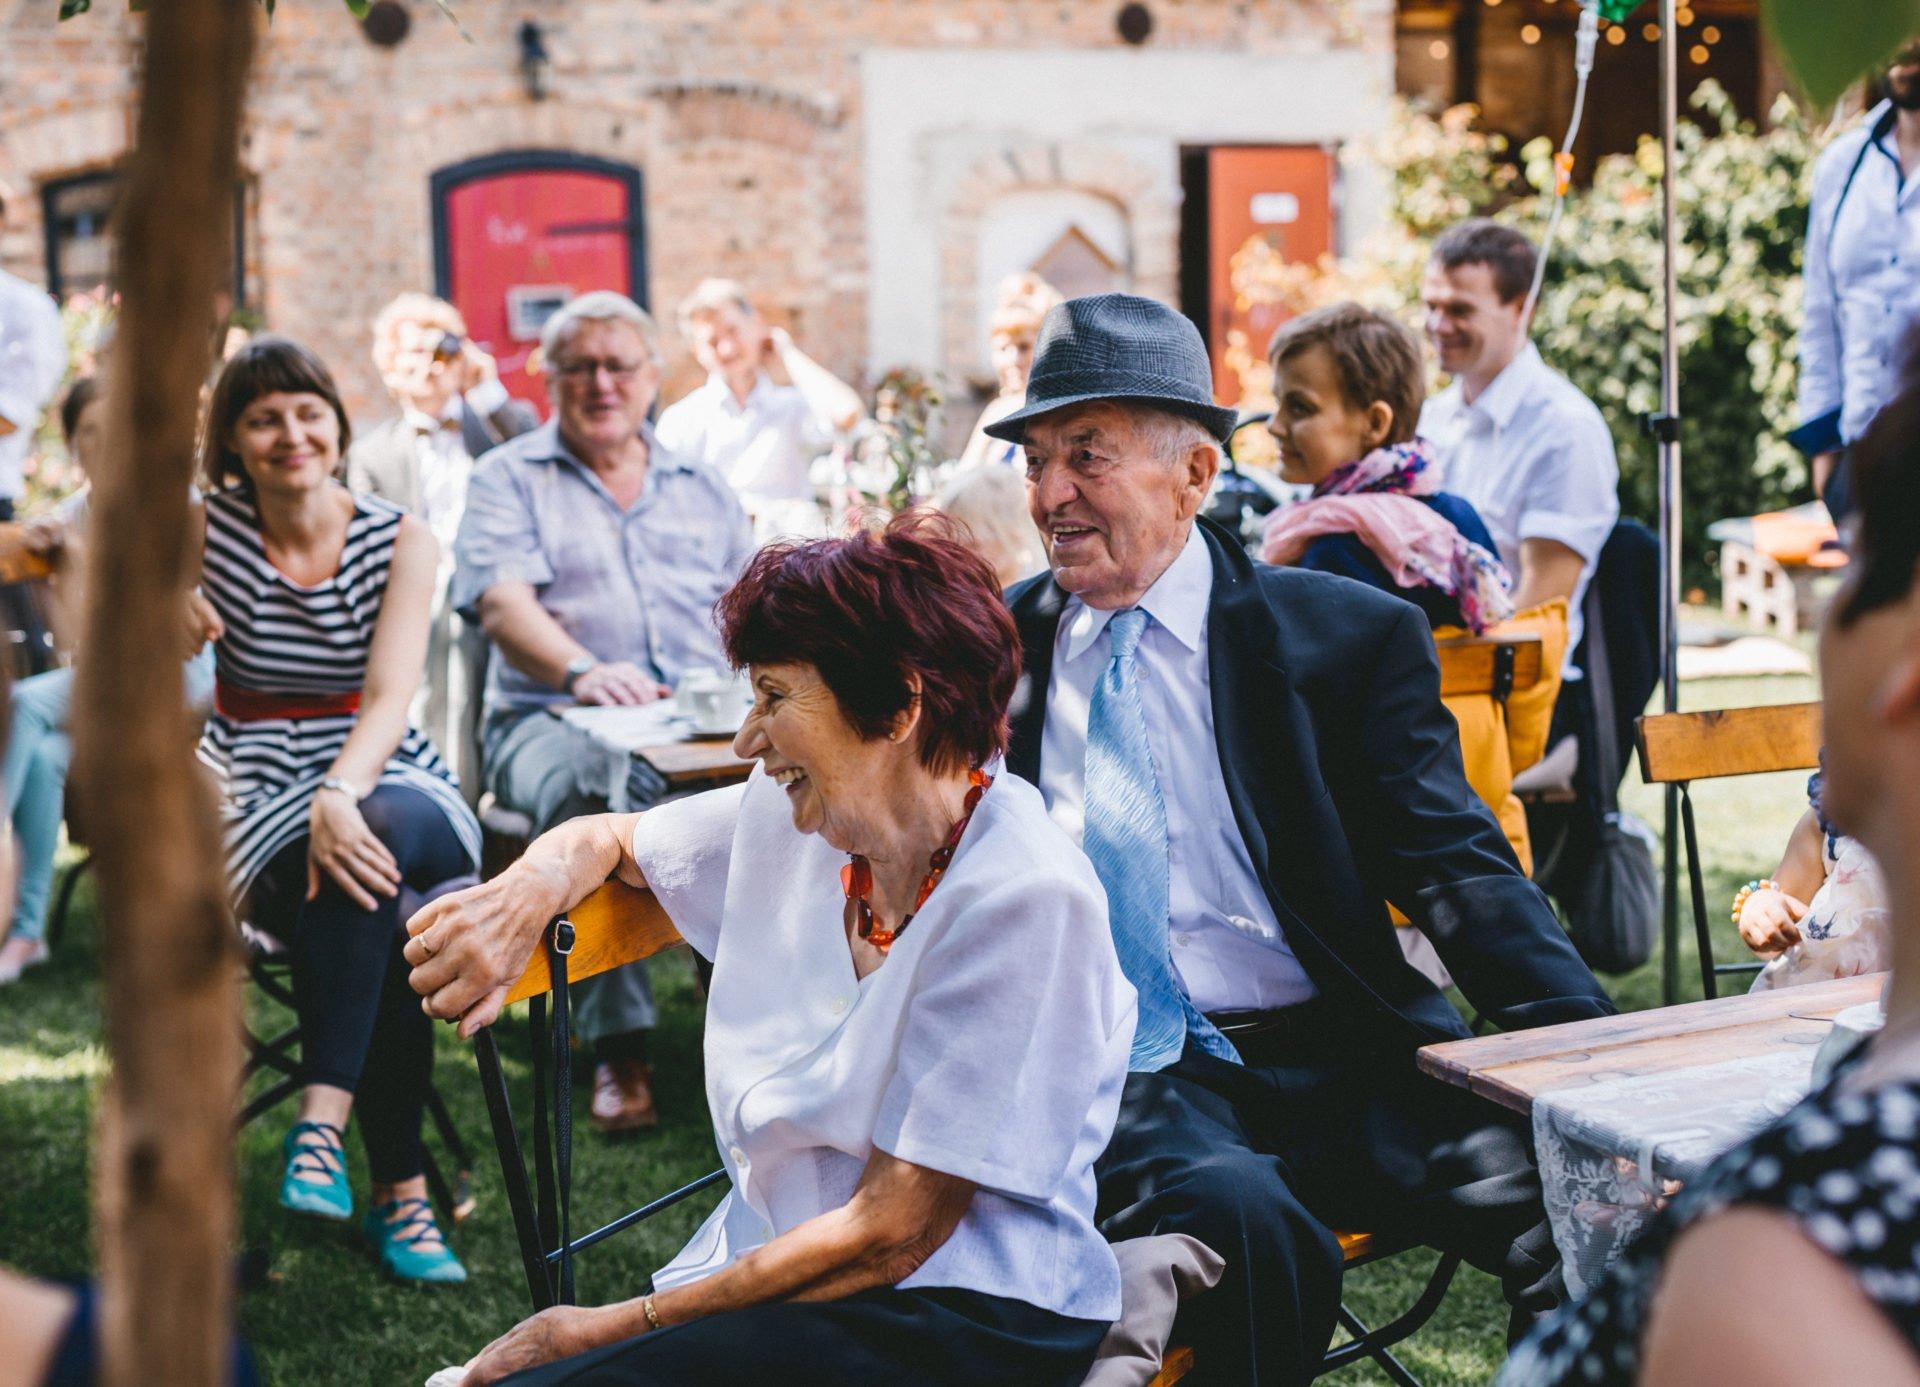 50mmfreunde Berlin Hochzeit 056 1920x1387 - Sommerhochzeit in dem Vierseithofcafé im Berliner Umland